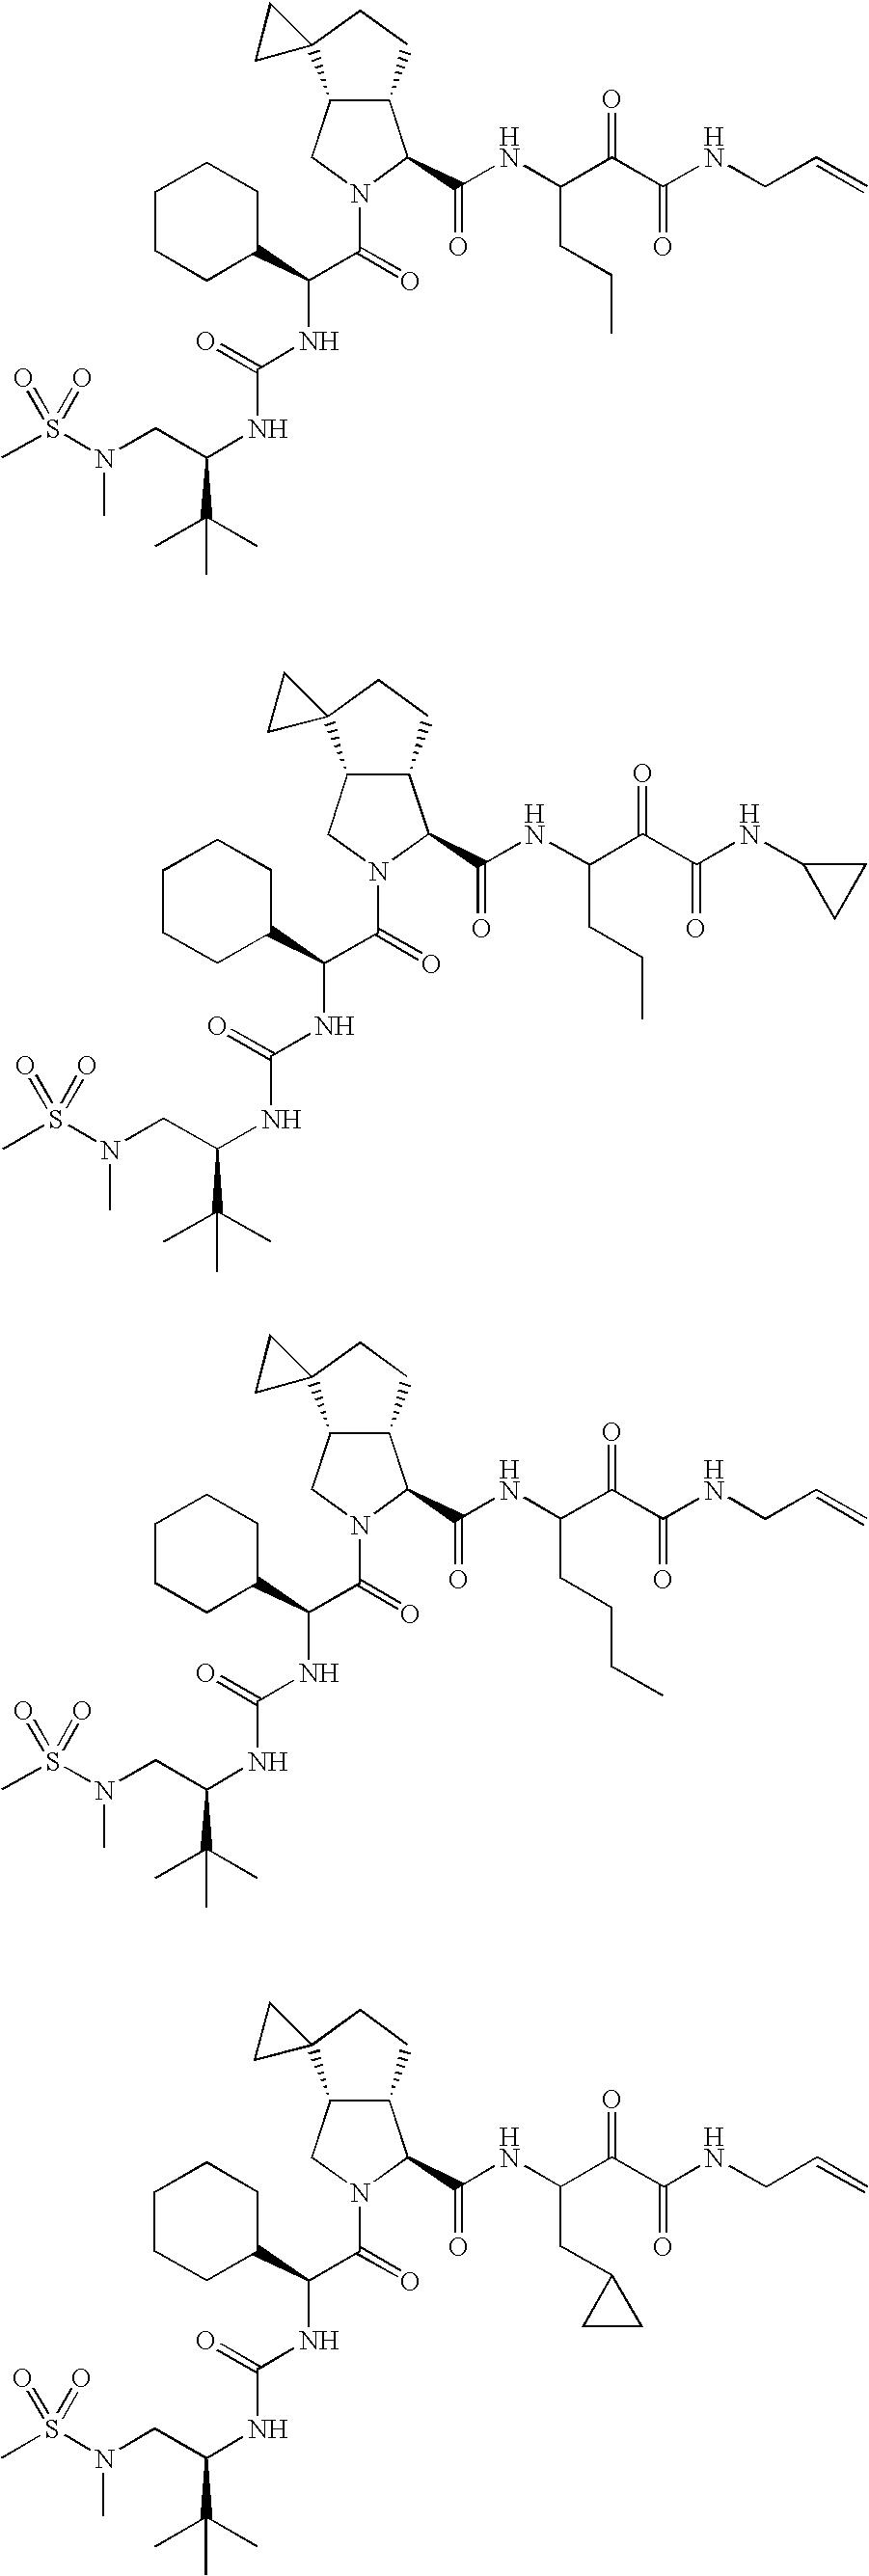 Figure US20060287248A1-20061221-C00499